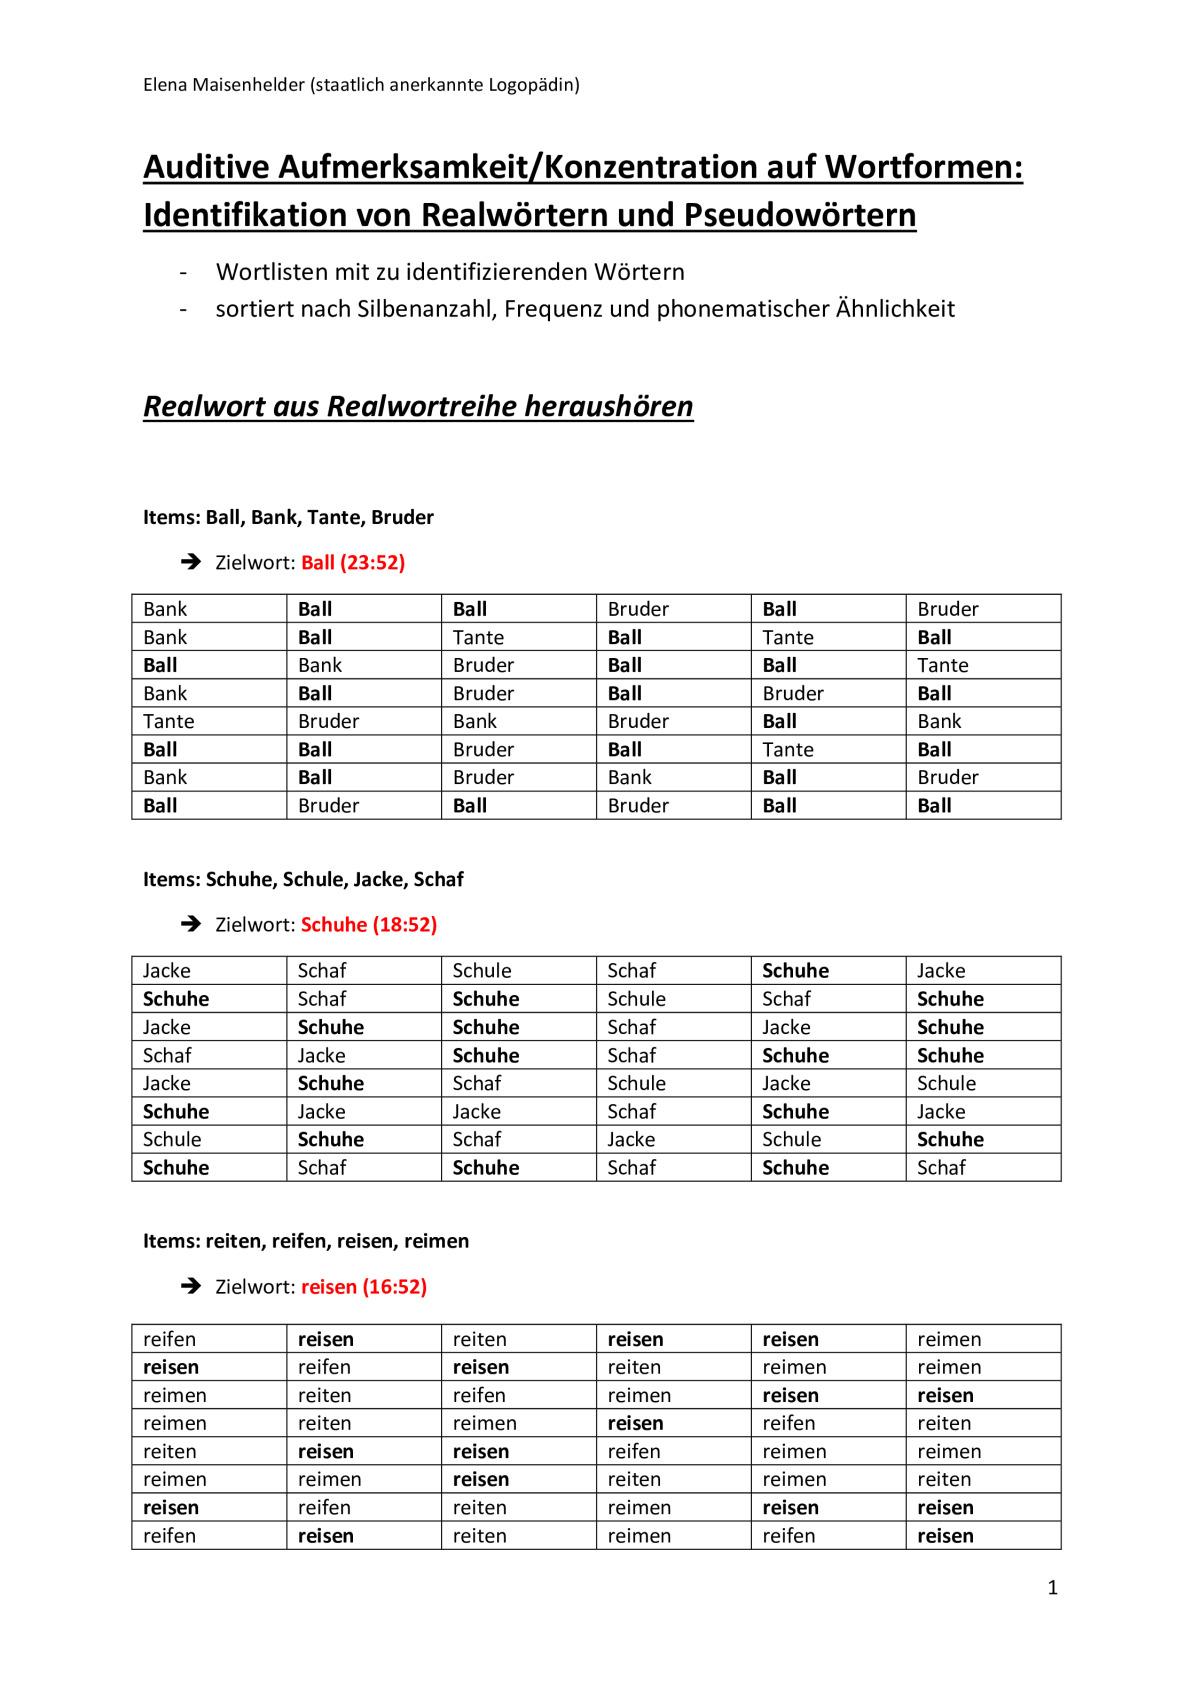 Schön Wortproblem Mathe Arbeitsblatt Galerie - Mathe Arbeitsblatt ...